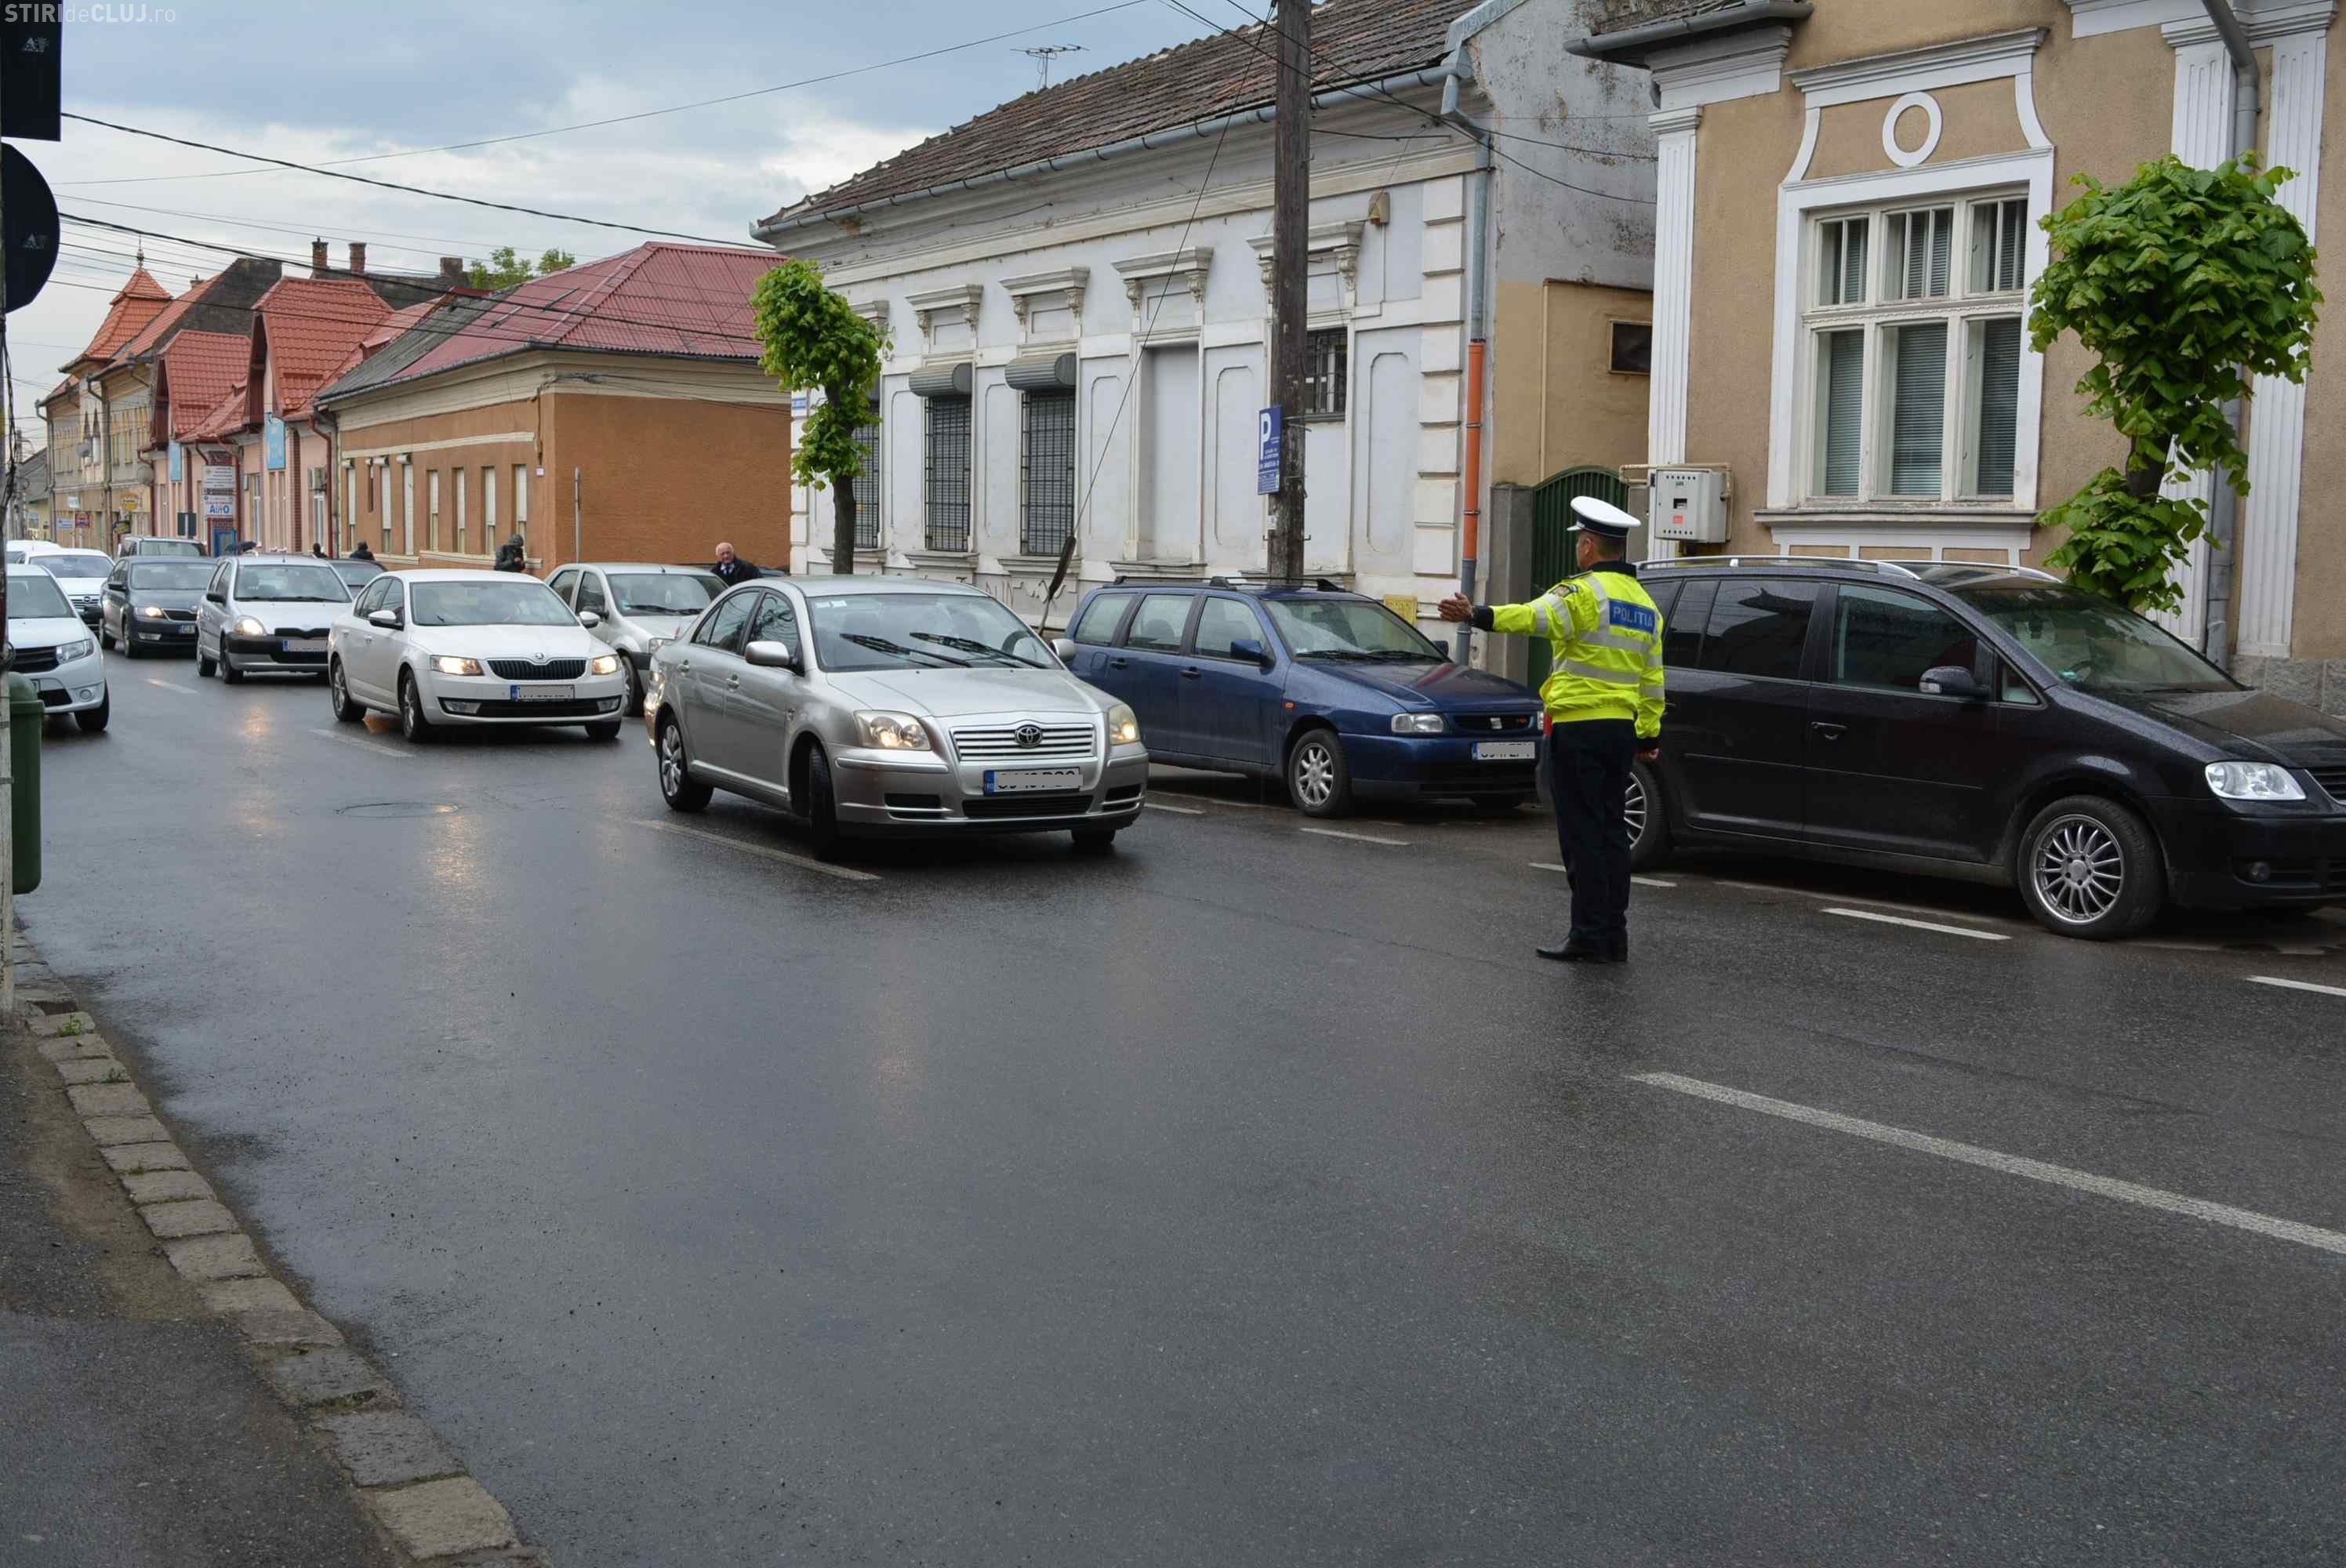 Sute de amenzi aplicate de polițiștii clujeni, în mai puțin de 24 de ore. Care sunt celemai des întâlnite infracțiuni